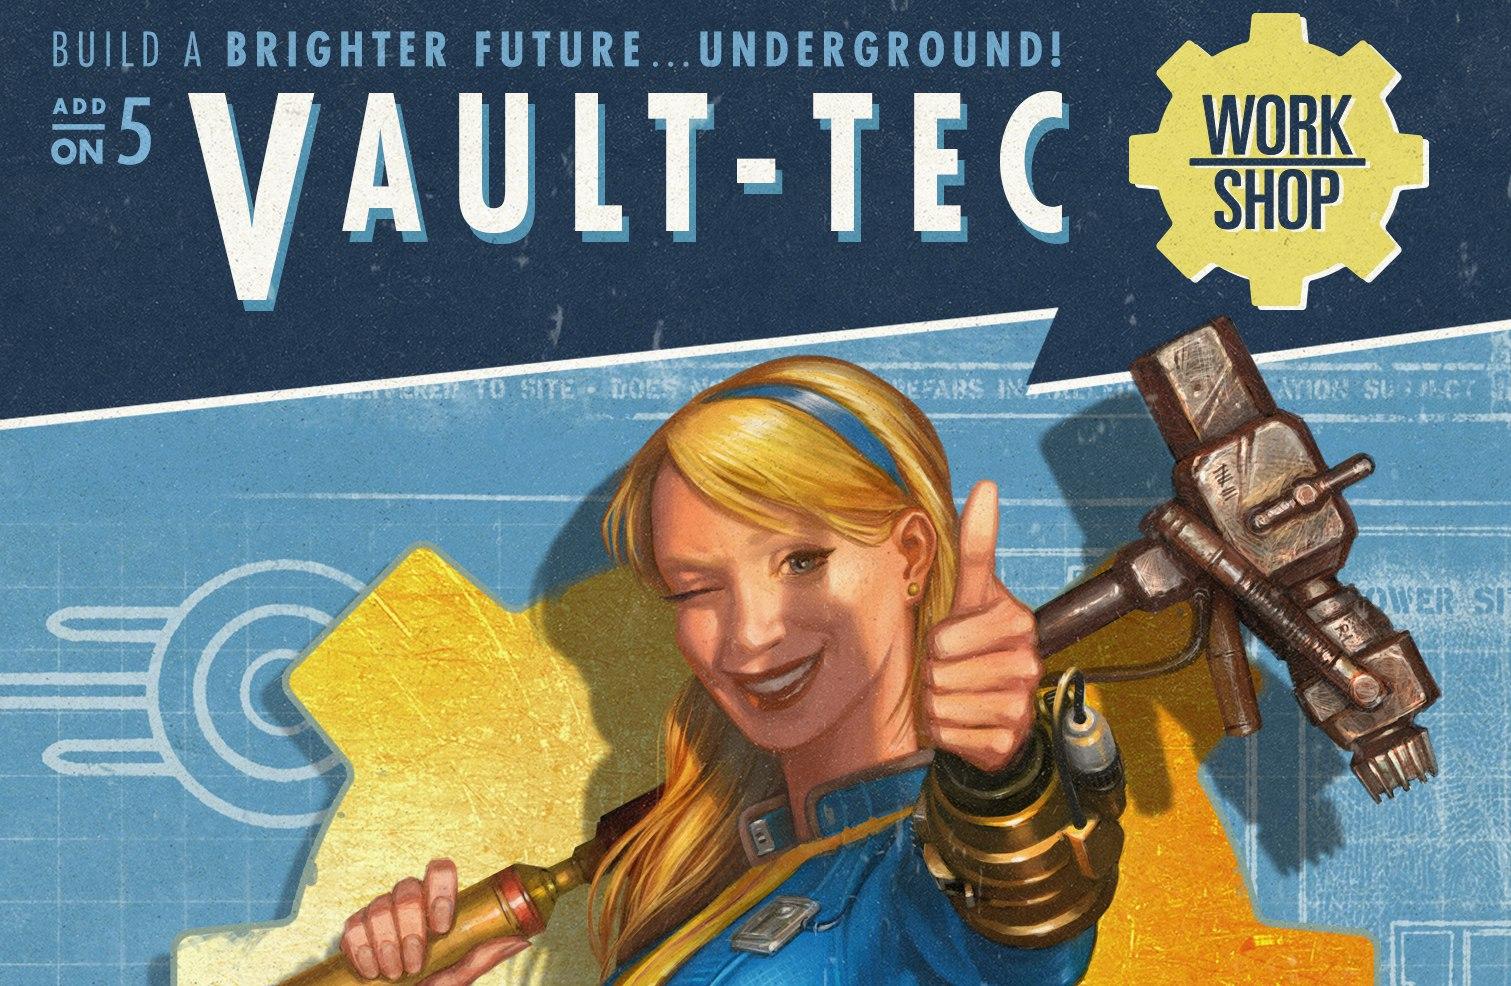 Слухи оказались верными, Vault-Tec Workshop пятое по счету DLC Fallout4 станет доступным 26 июля.